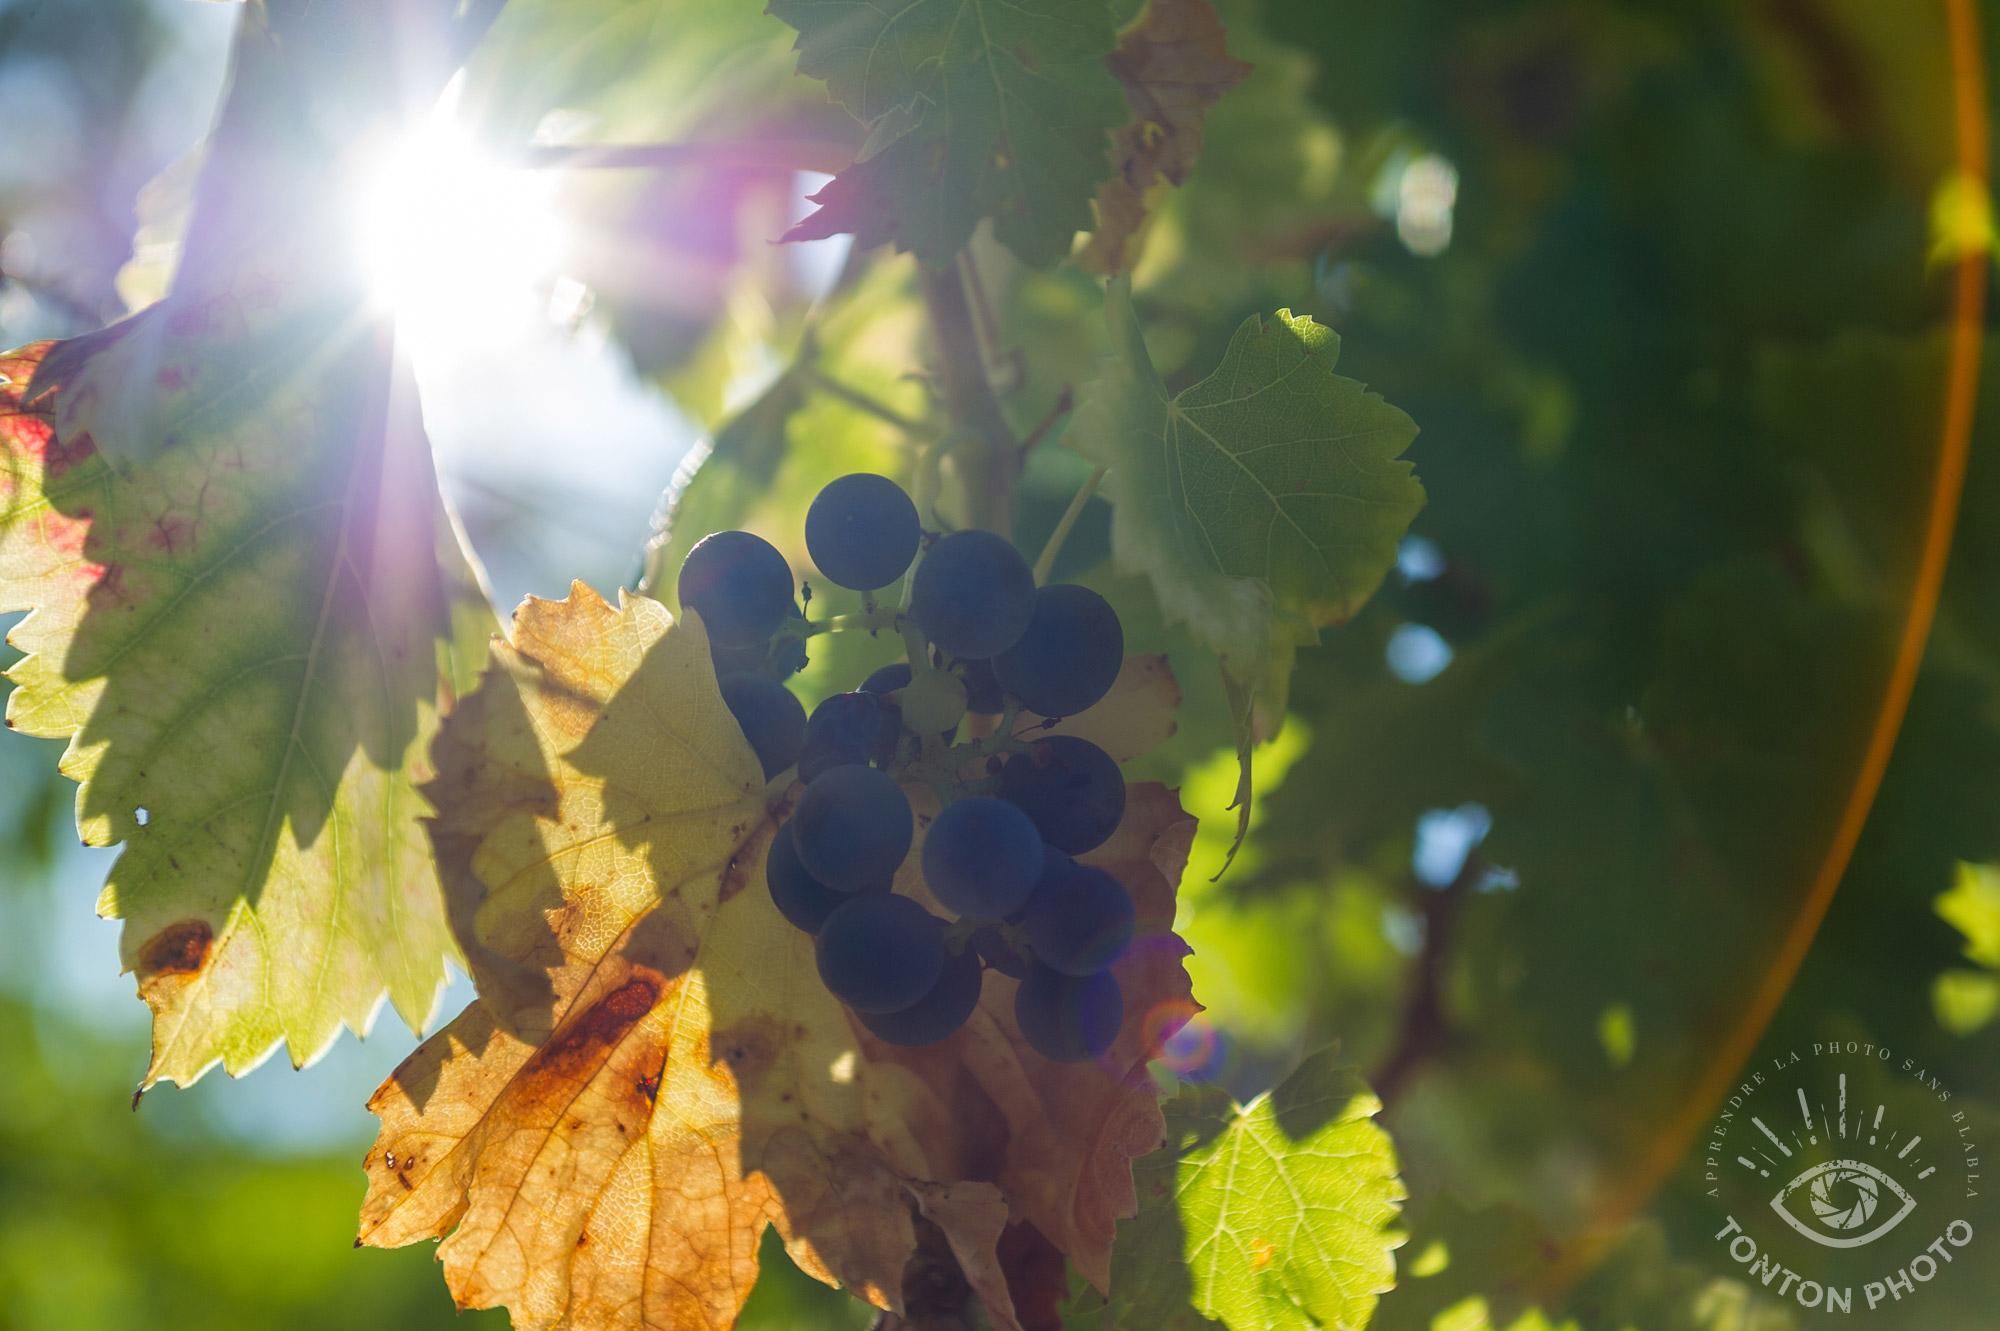 En cachant partiellement le soleil derrière les feuilles de vigne, j'ai pu capturer à la fois les raisins et le soleil qui les rétro-éclaire, sans pour autant tomber dans le piège du contre-jour. Drôme, France. © Tonton Photo